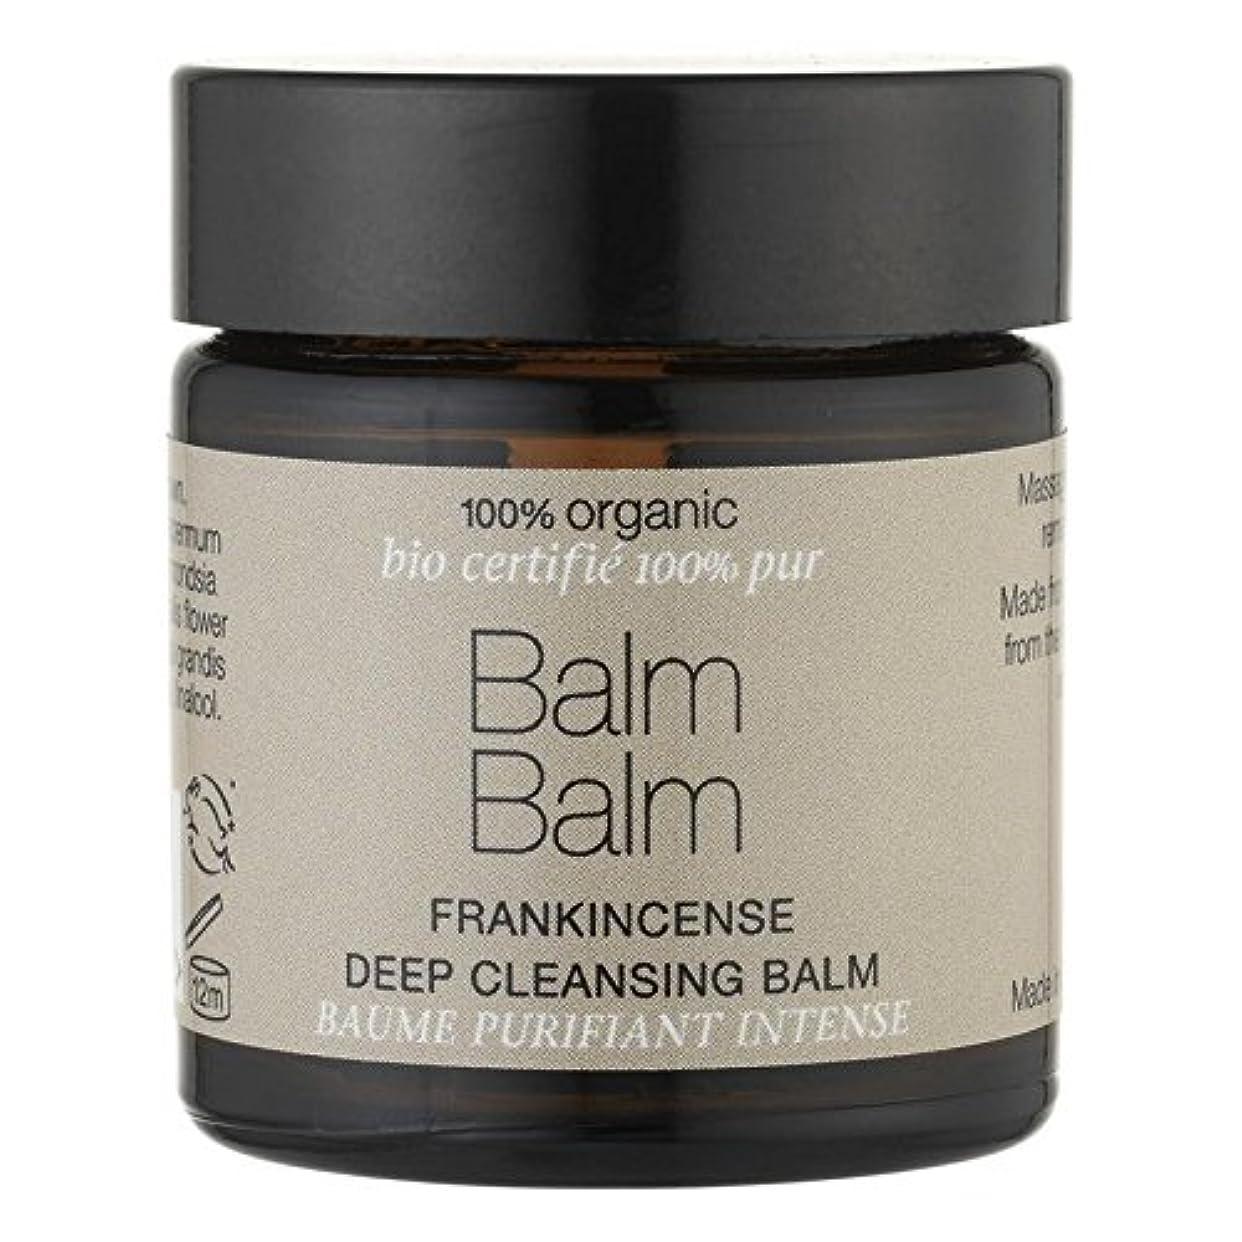 護衛水曜日聖域バームバーム乳香有機ディープクレンジングクリーム60ミリリットル x4 - Balm Balm Frankincense Organic Deep Cleansing Balm 60ml (Pack of 4) [並行輸入品]